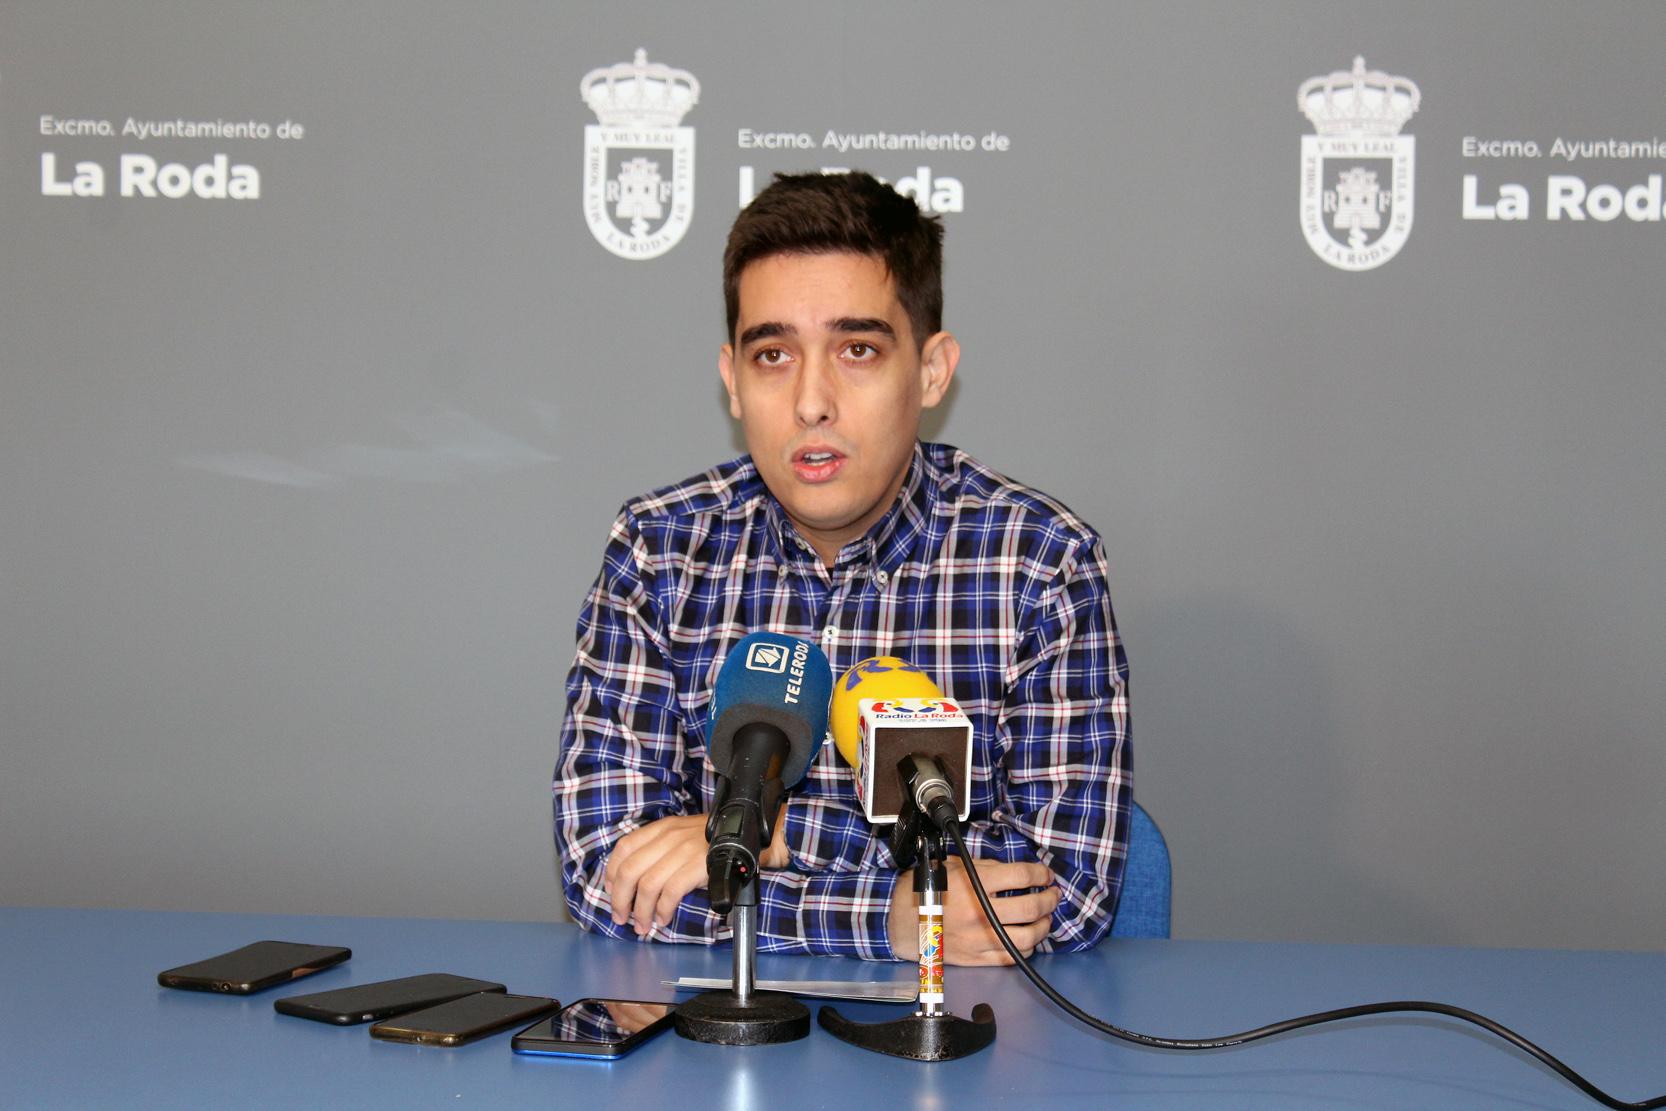 El Ayuntamiento Bonificará El IBI De Rústica A Las Naves Ganaderas